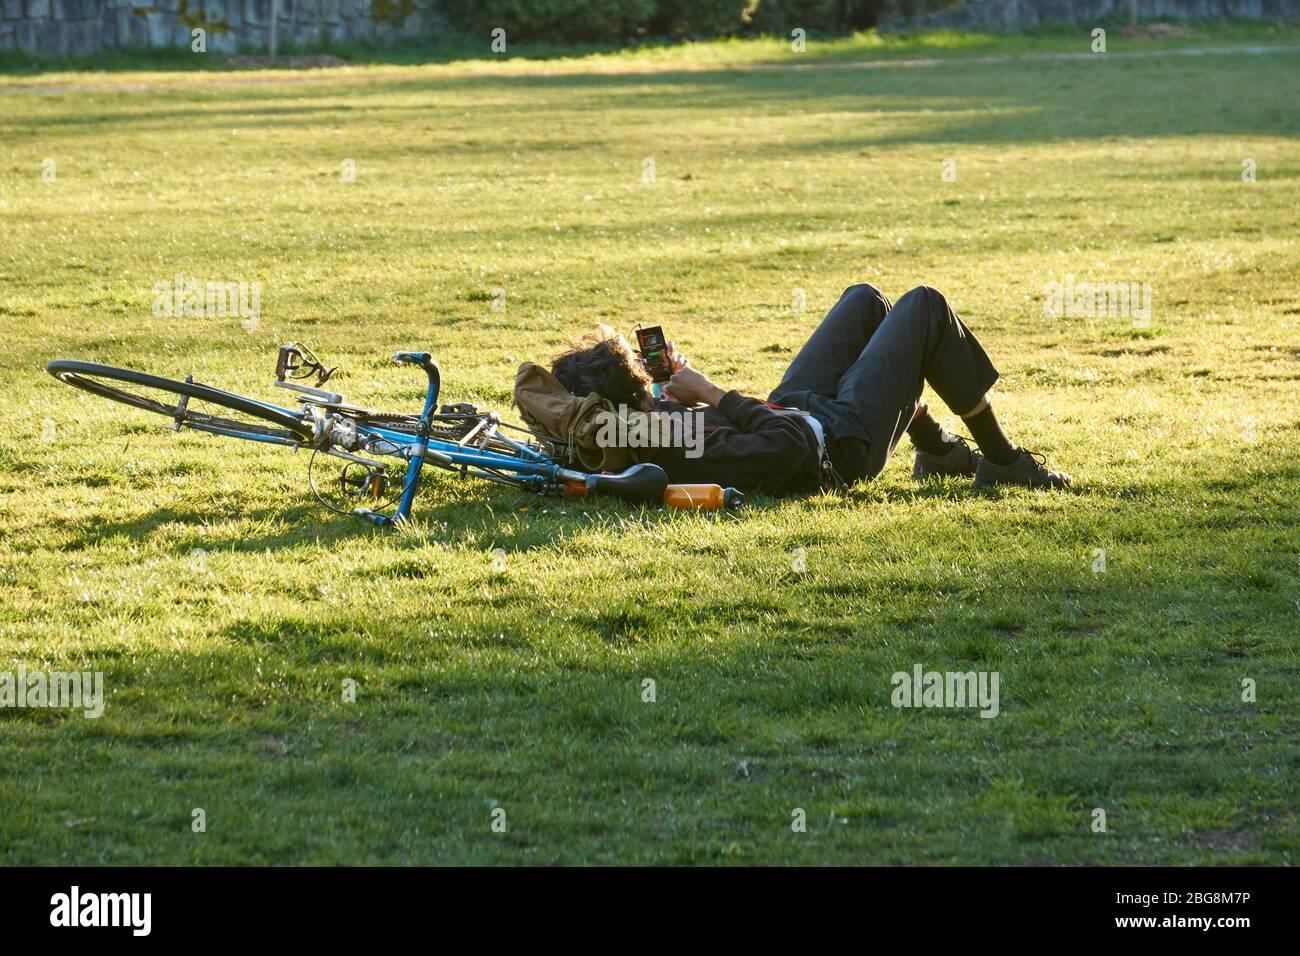 Vancouver, Canadá, 18 de abril de 2020. Un joven se encuentra solo en la hierba utilizando su dispositivo electrónico para permanecer conectado durante la pandemia del COVD-19. Foto de stock